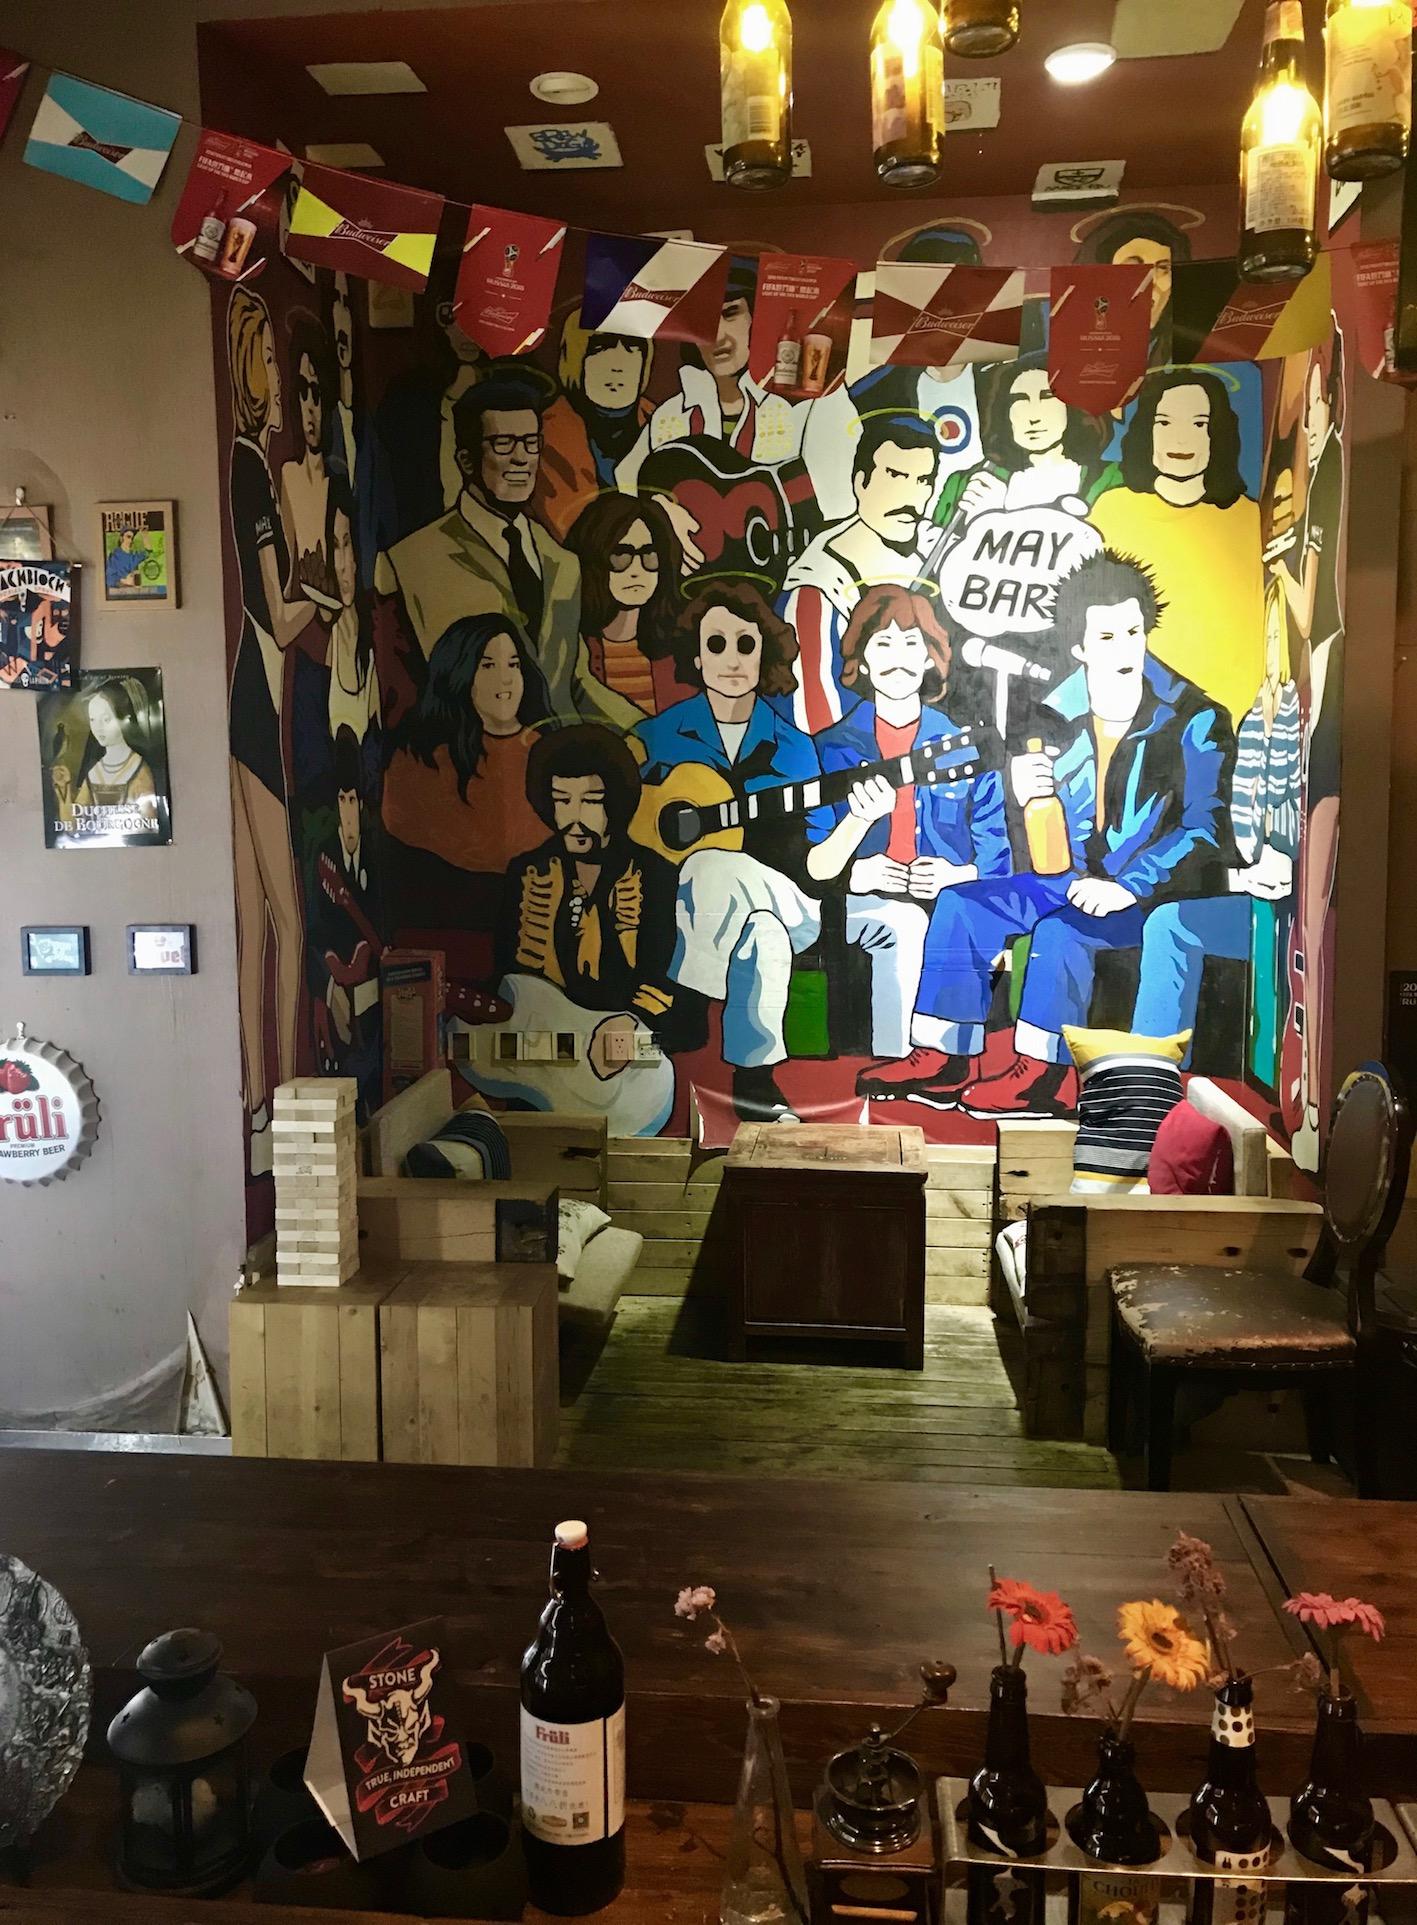 May Bar 1912 Bar District Nanjing